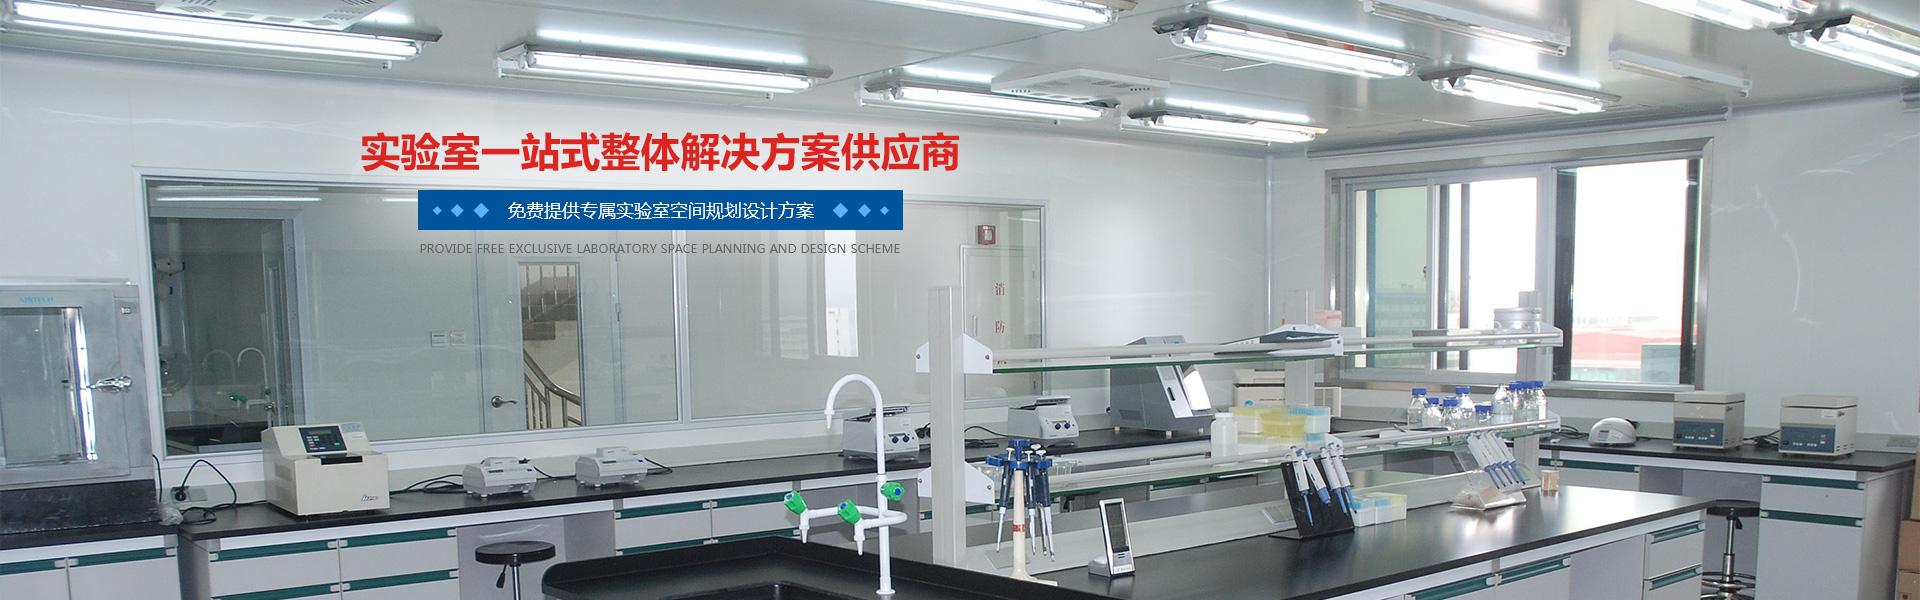 重庆试验台